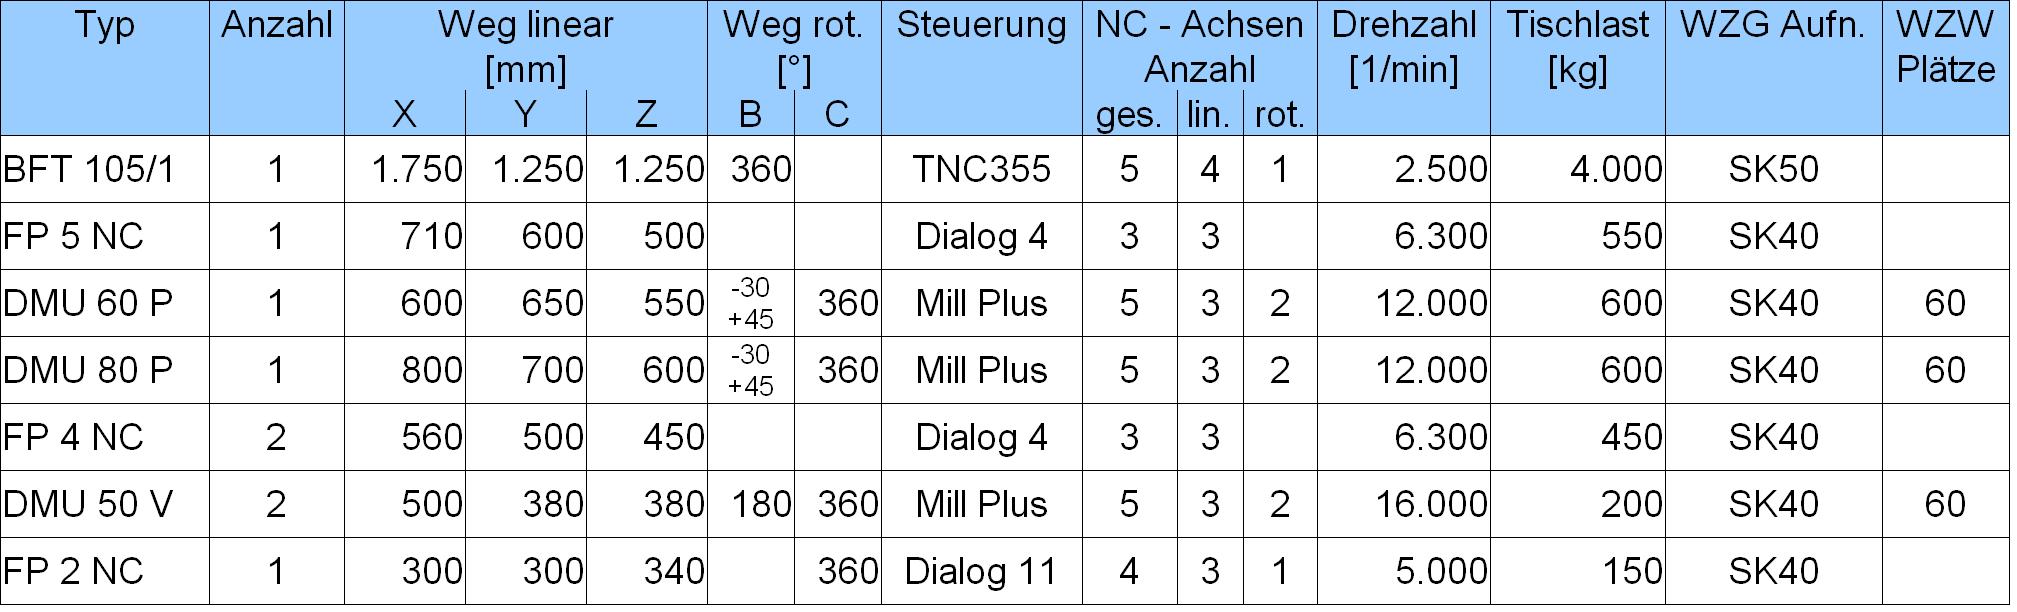 Maschinendaten_CNC_Fraesen_20190221